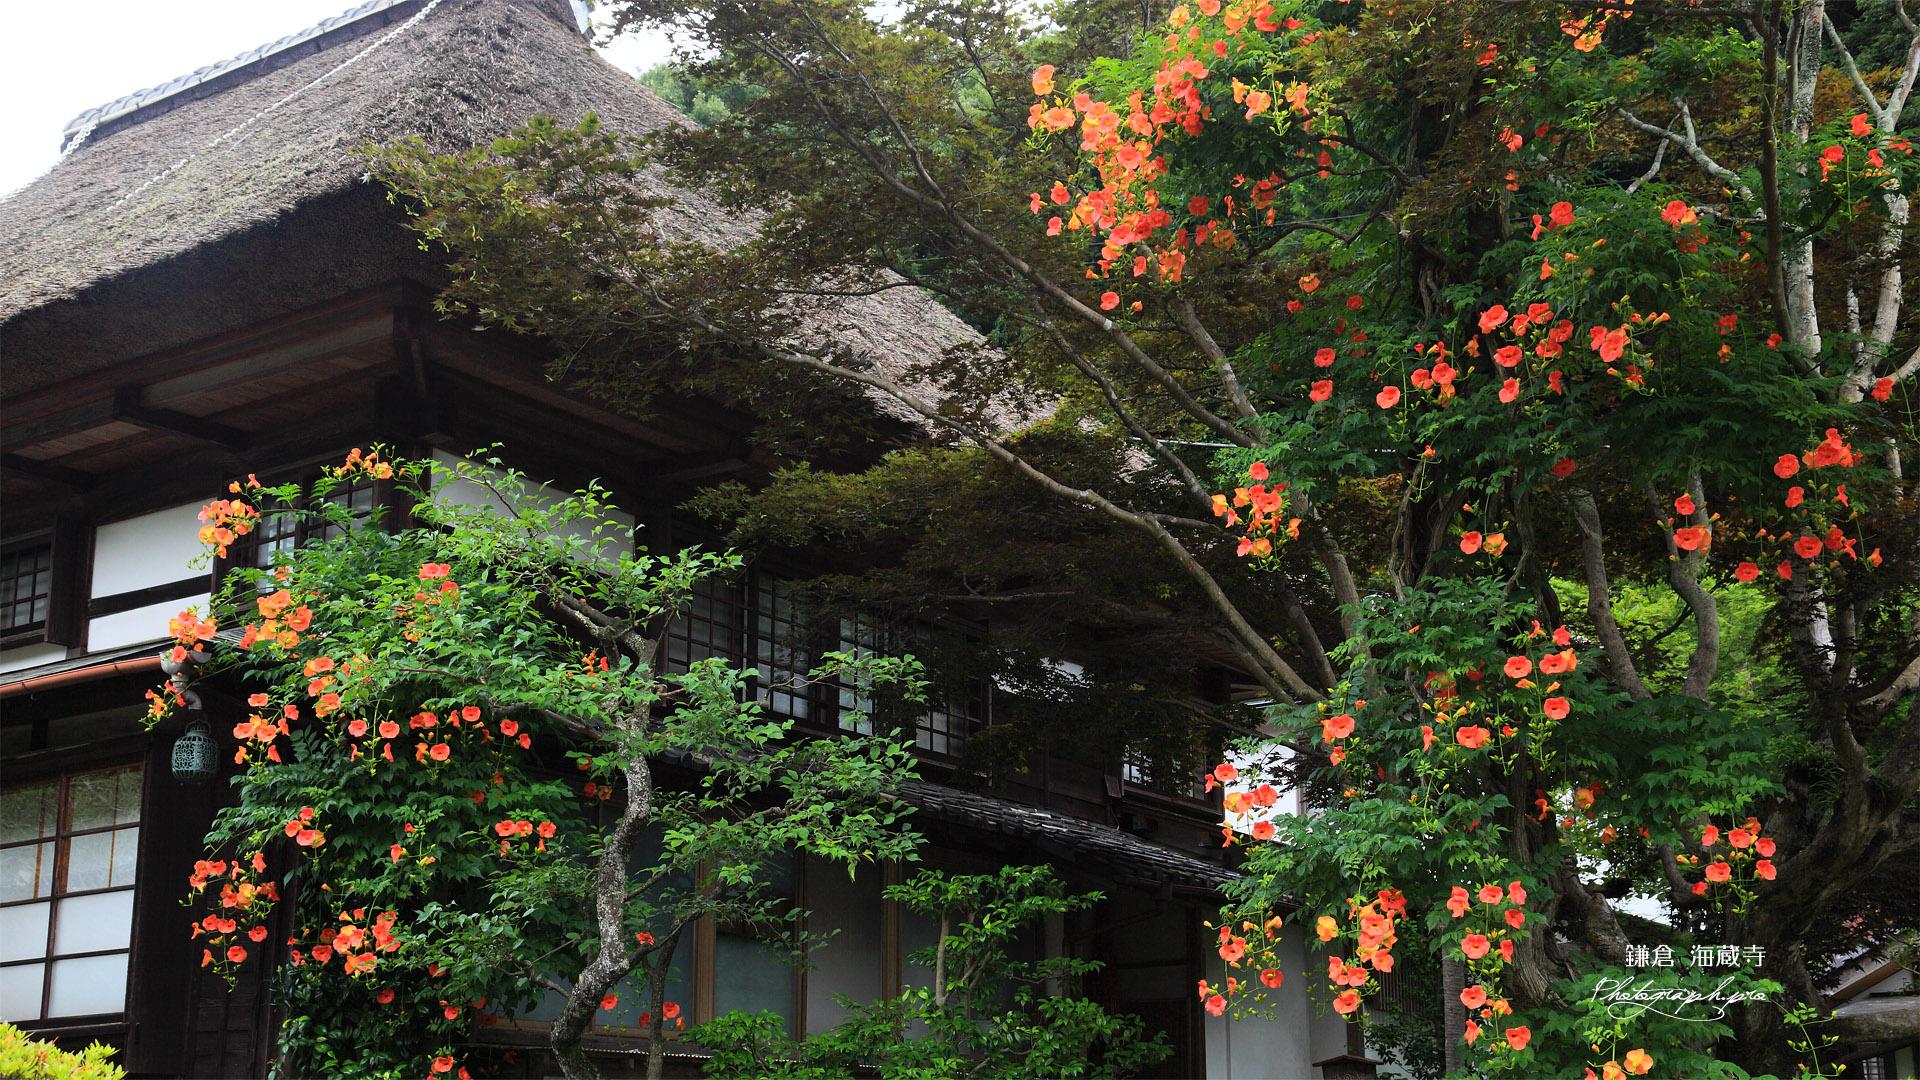 海蔵寺 ノウゼンカズラと庫裏